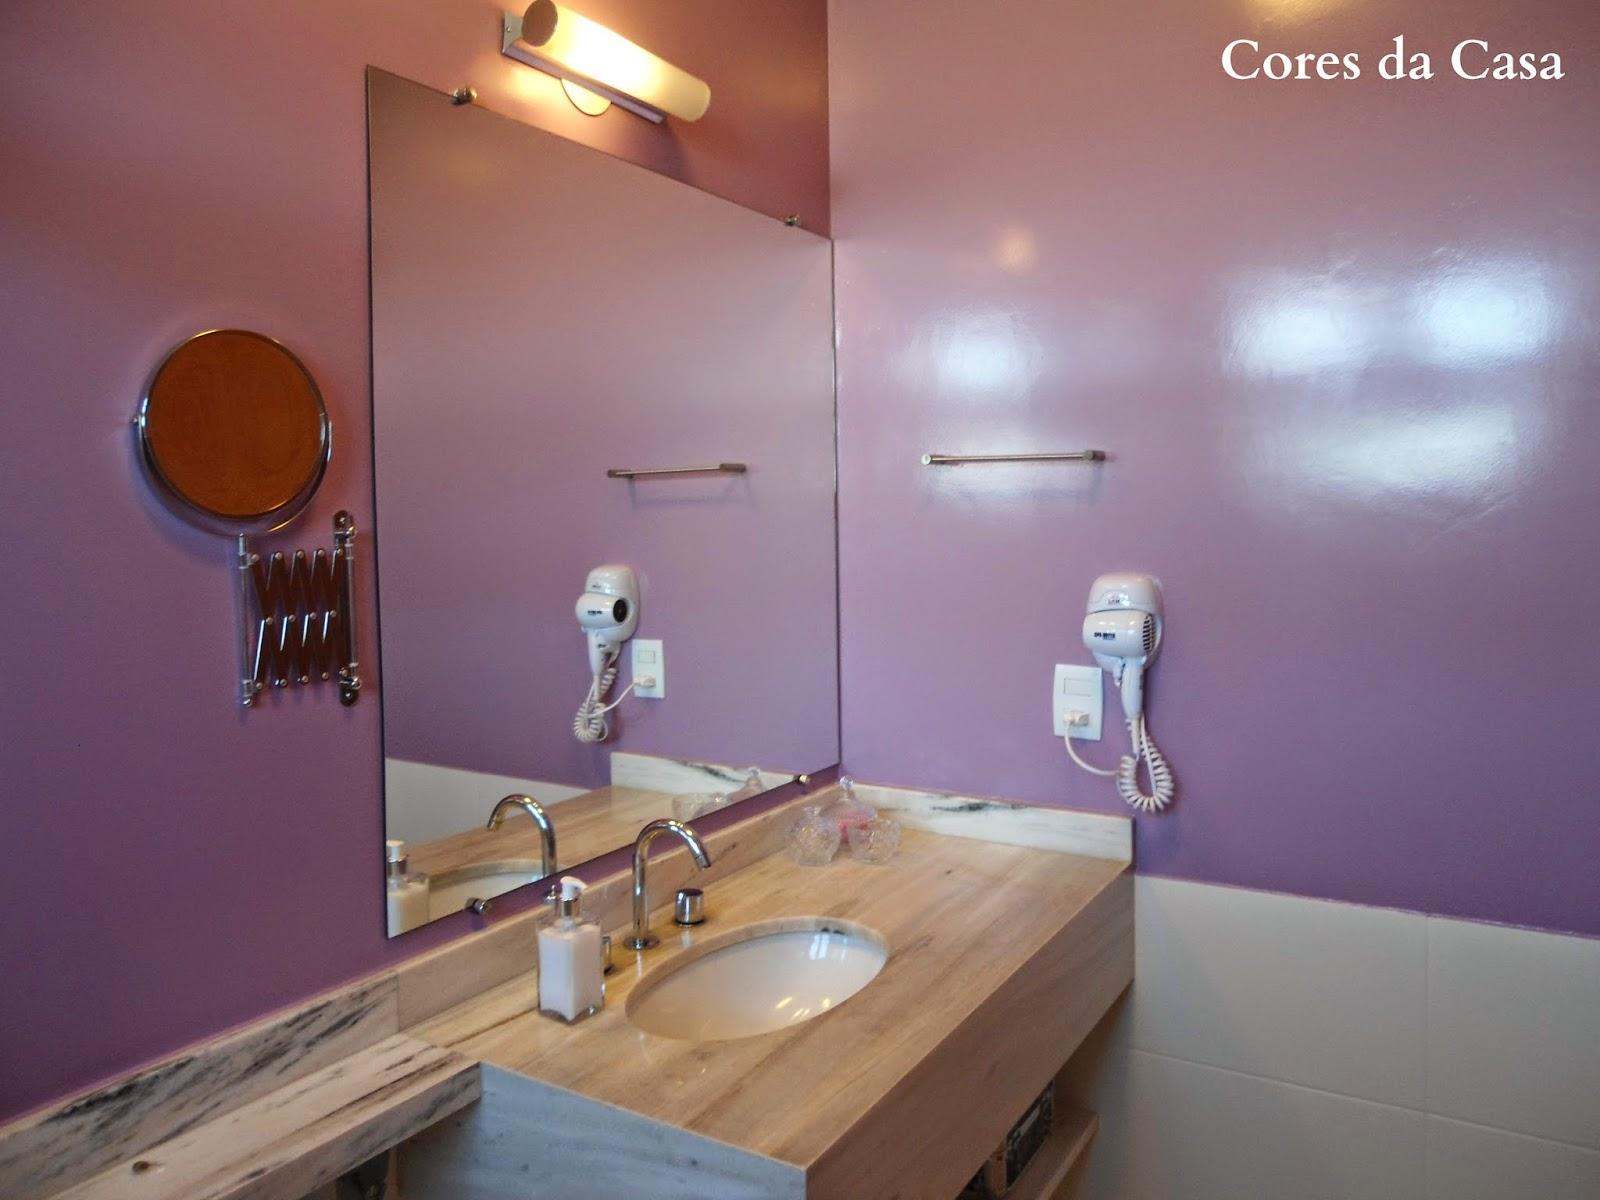 #996D32 Decoração: Banheiro Renovado com Pintura Epóxi Cores da Casa 1600x1200 px Banheiro Tinta Epoxi 1701